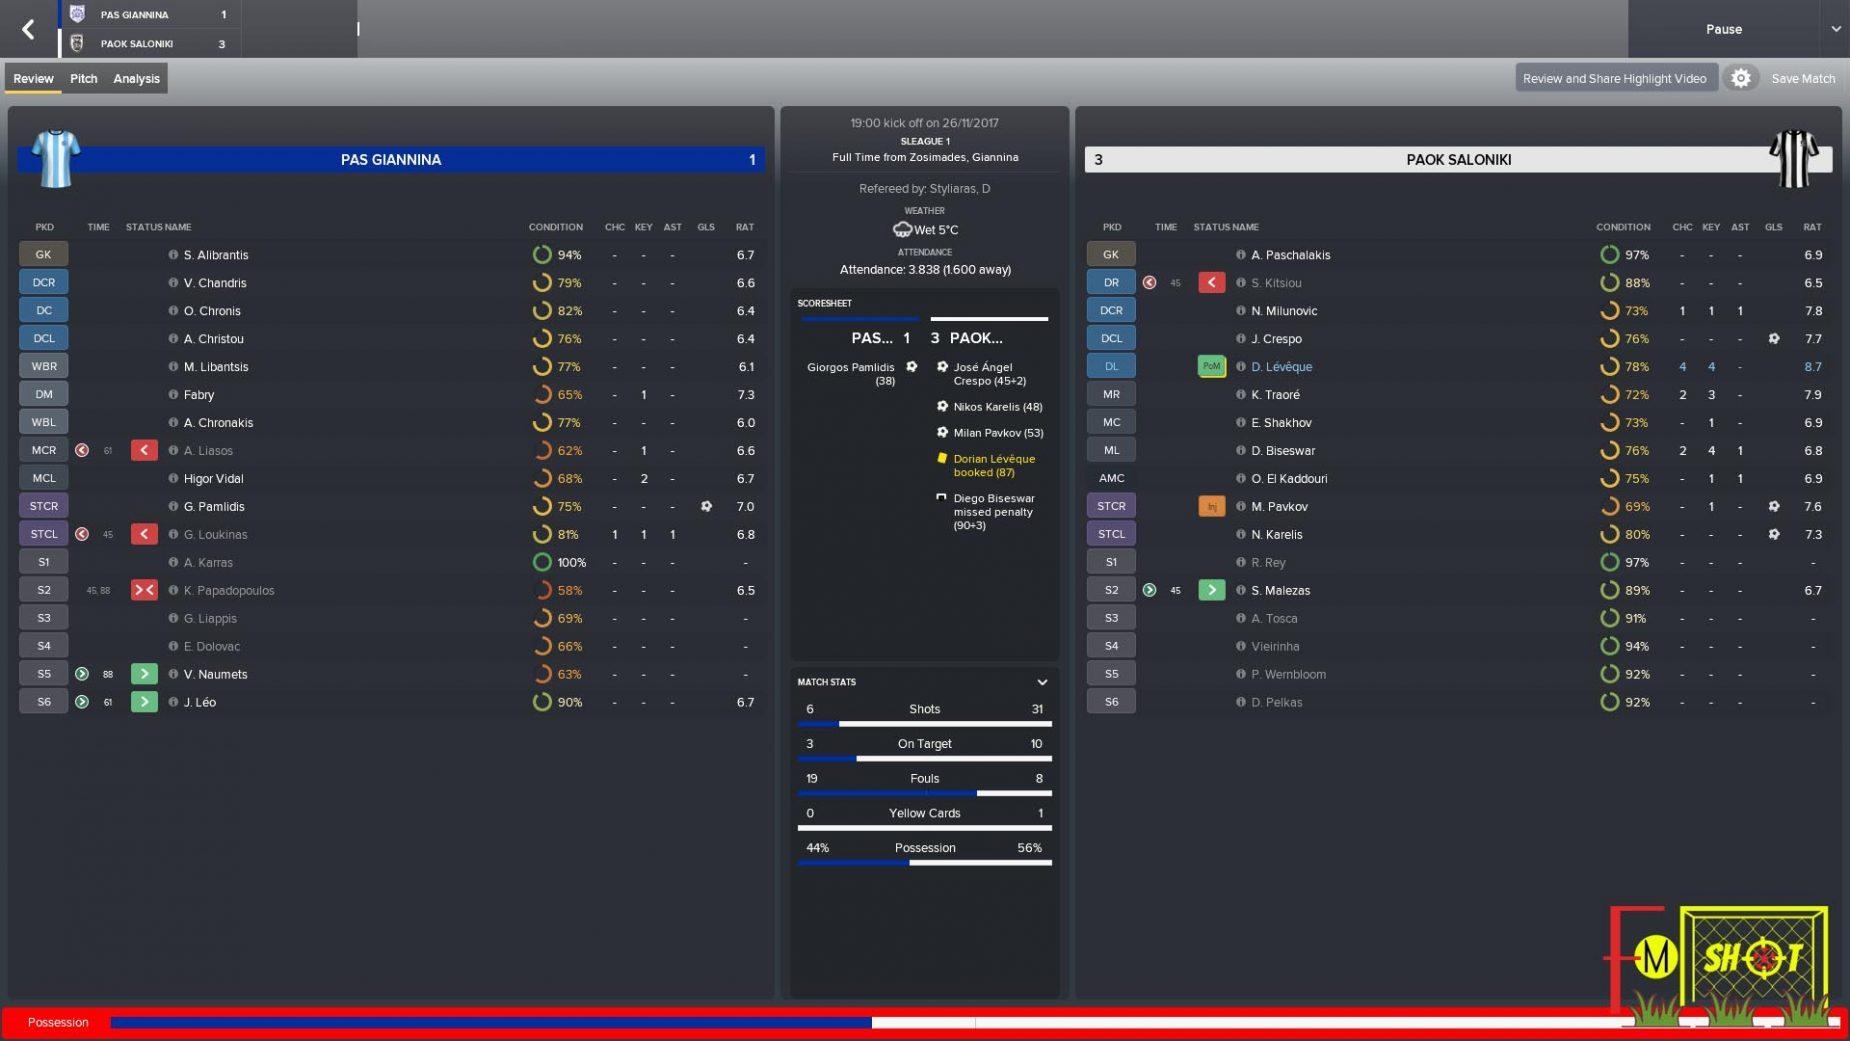 PAOK vs PAS Giannina